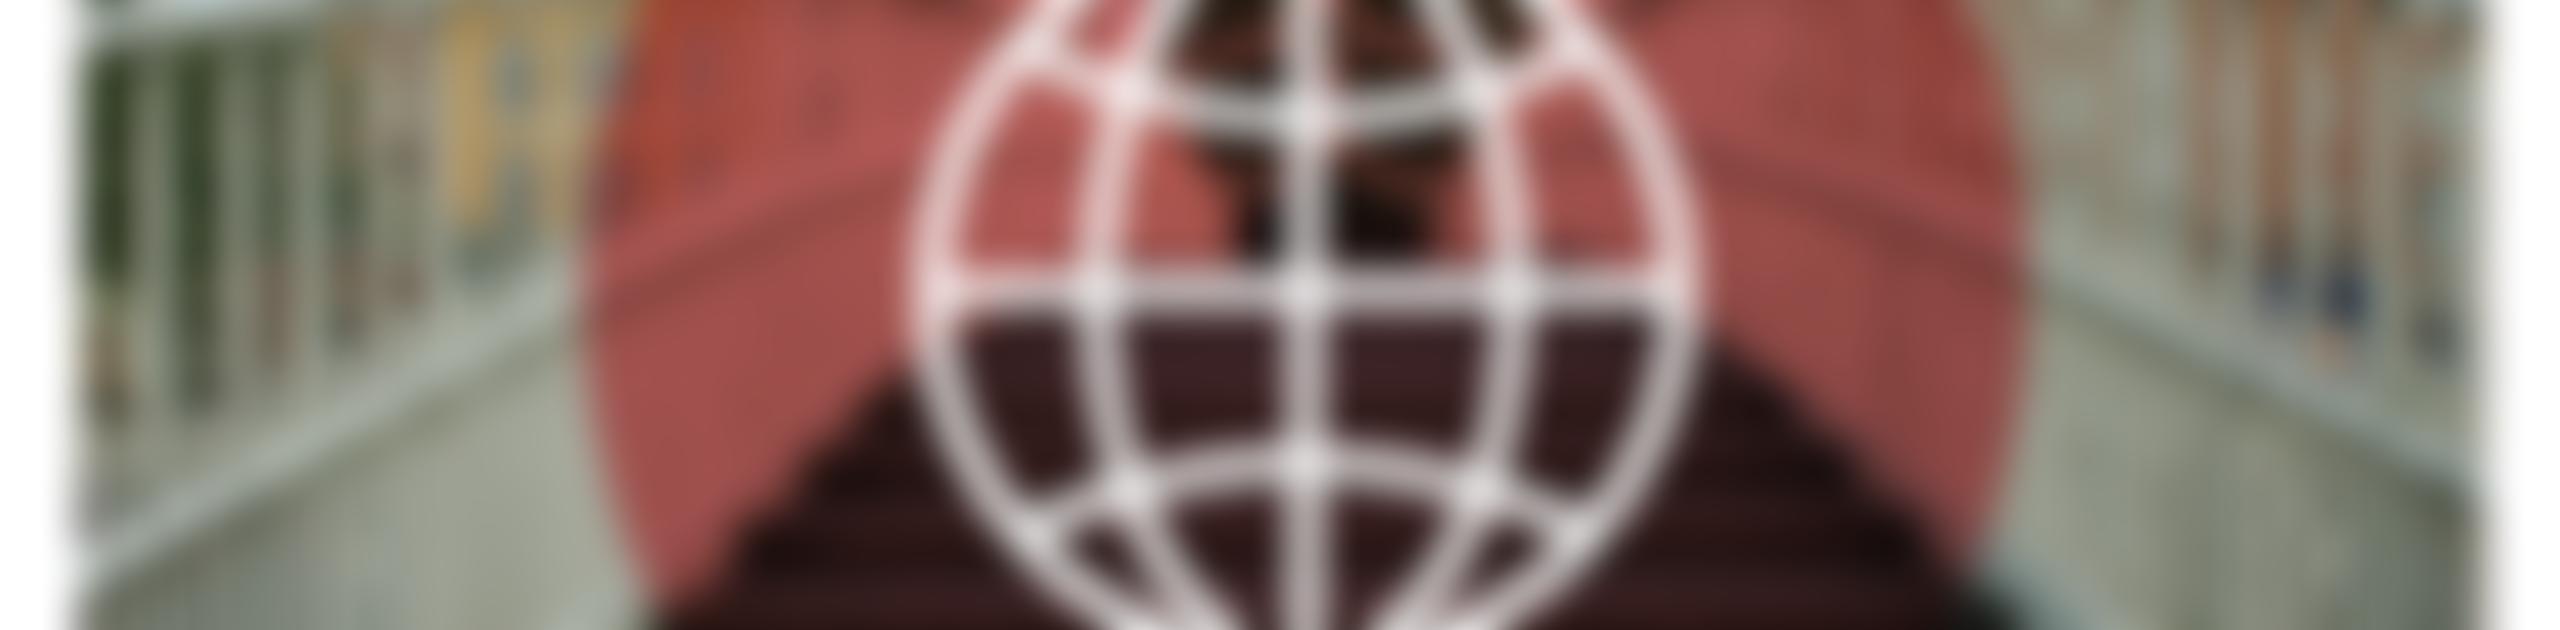 Call for SDGC19 Host City